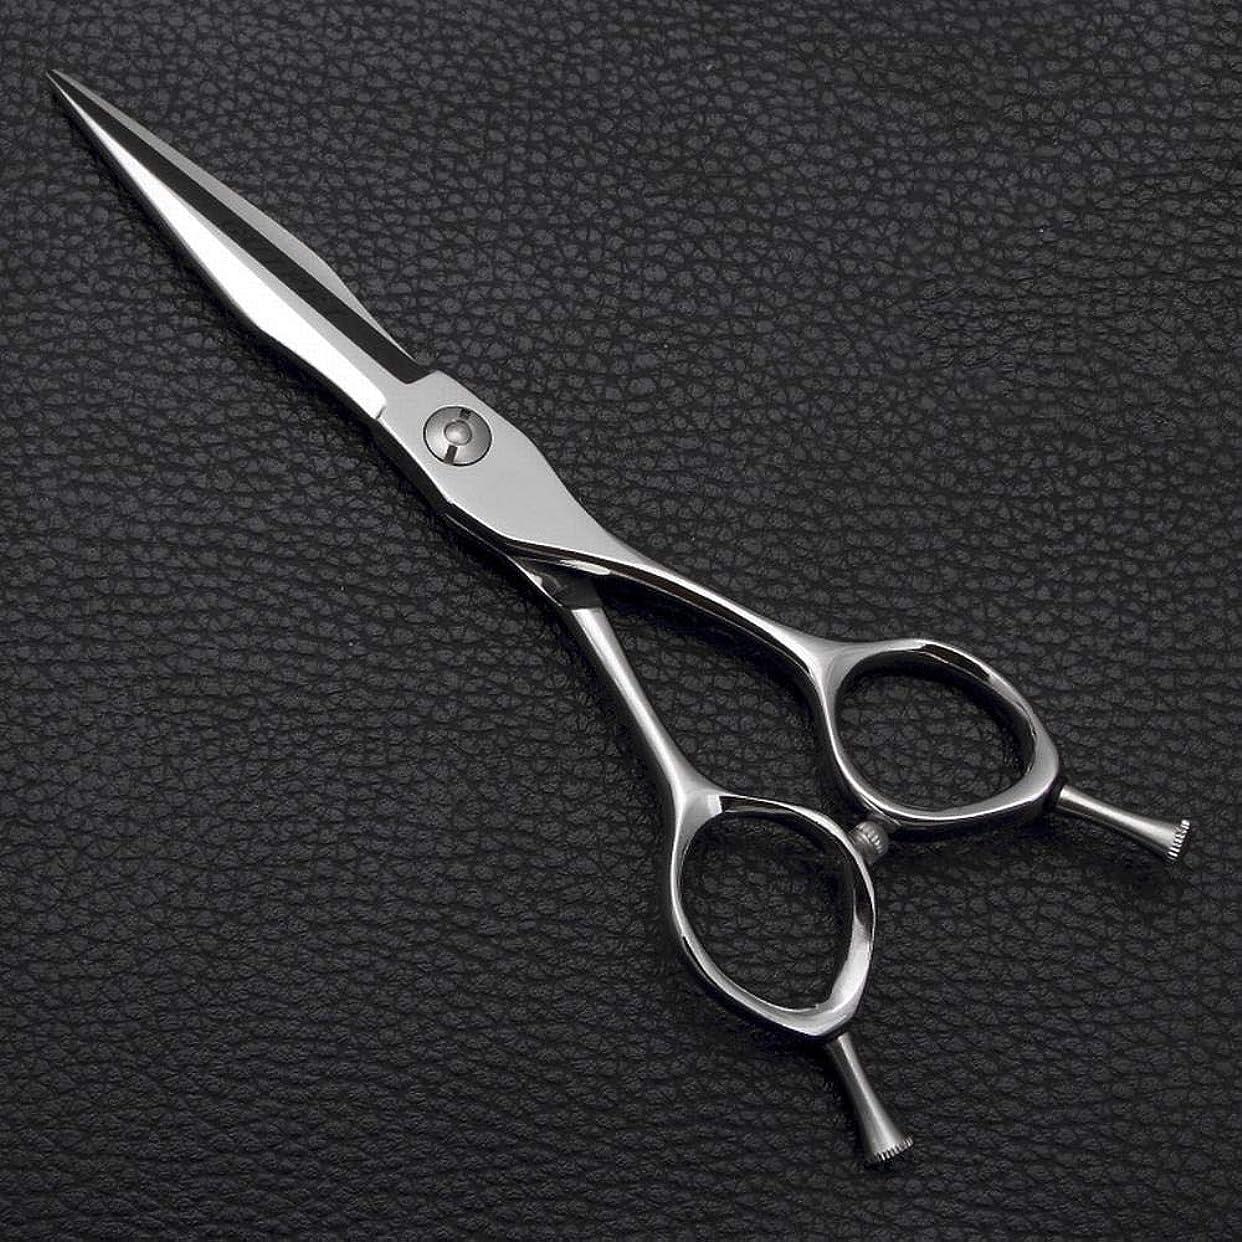 アサー急流上げる6インチプロフェッショナル理髪はさみフラットシザー前髪せん断、家族理髪セット モデリングツール (色 : Silver)